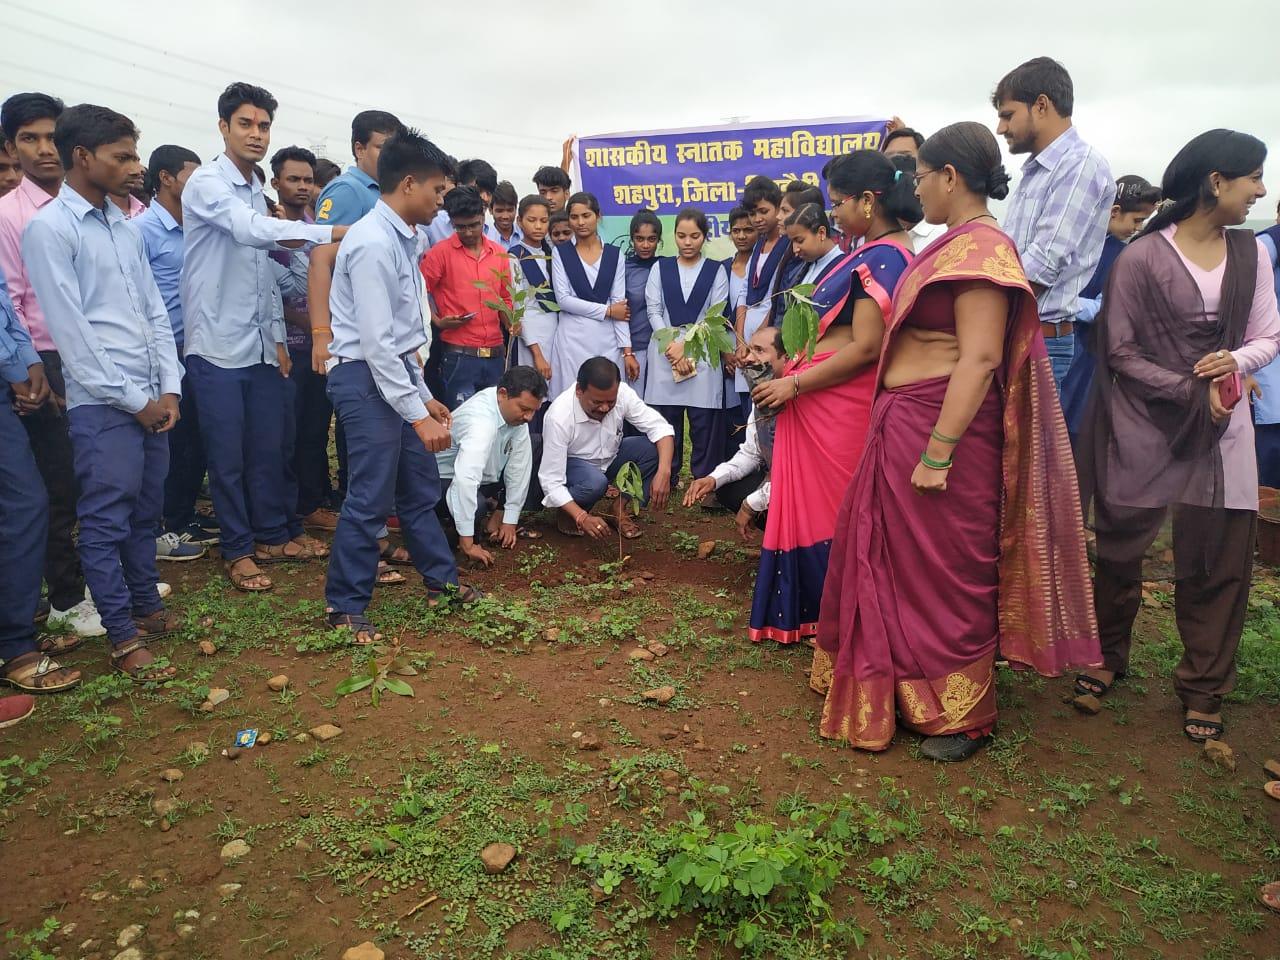 छात्रों ने किया पौधरोपण, संरक्षण का लिया संकल्प